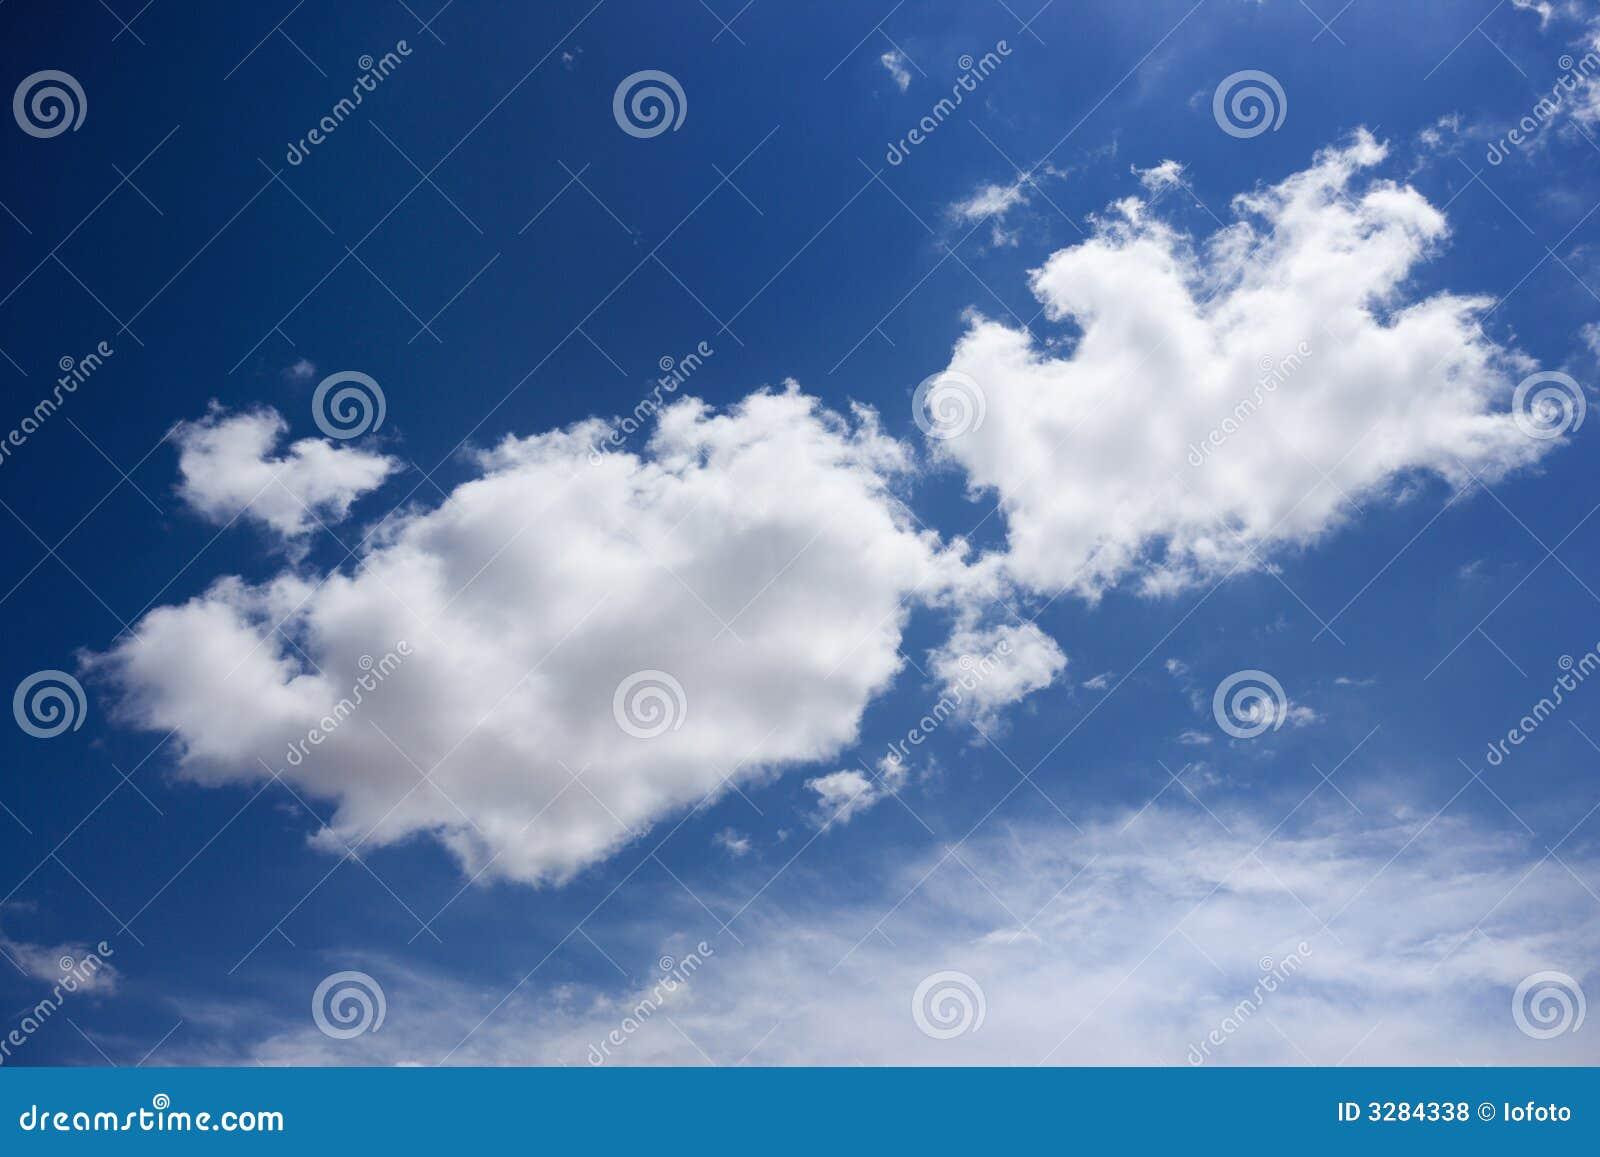 Formación de la nube.